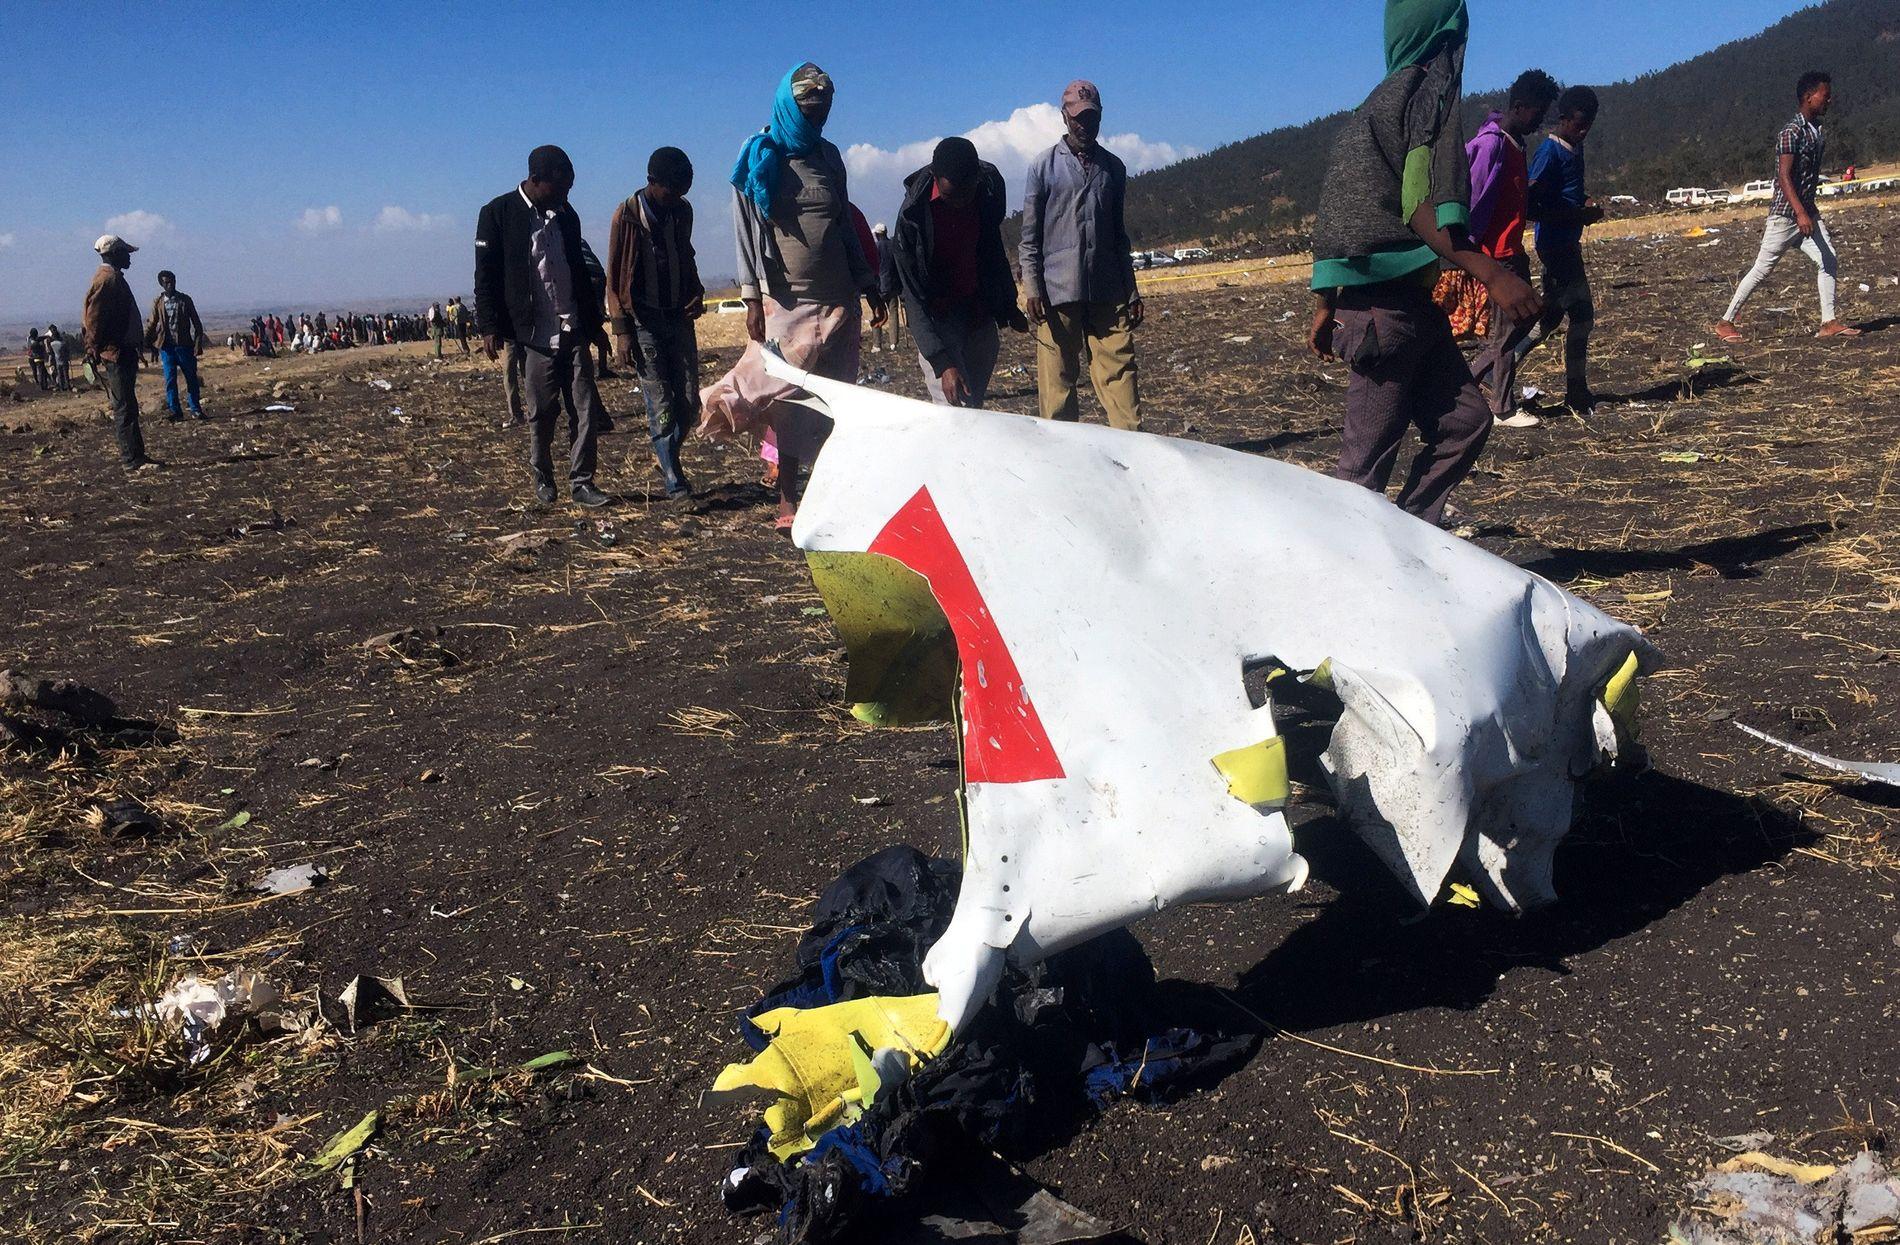 VRAKDELER: På bakken ligger deler fra ulykkesflyet Ethiopian Airlines flight 302 som styrtet like ved byen Bishoftu.